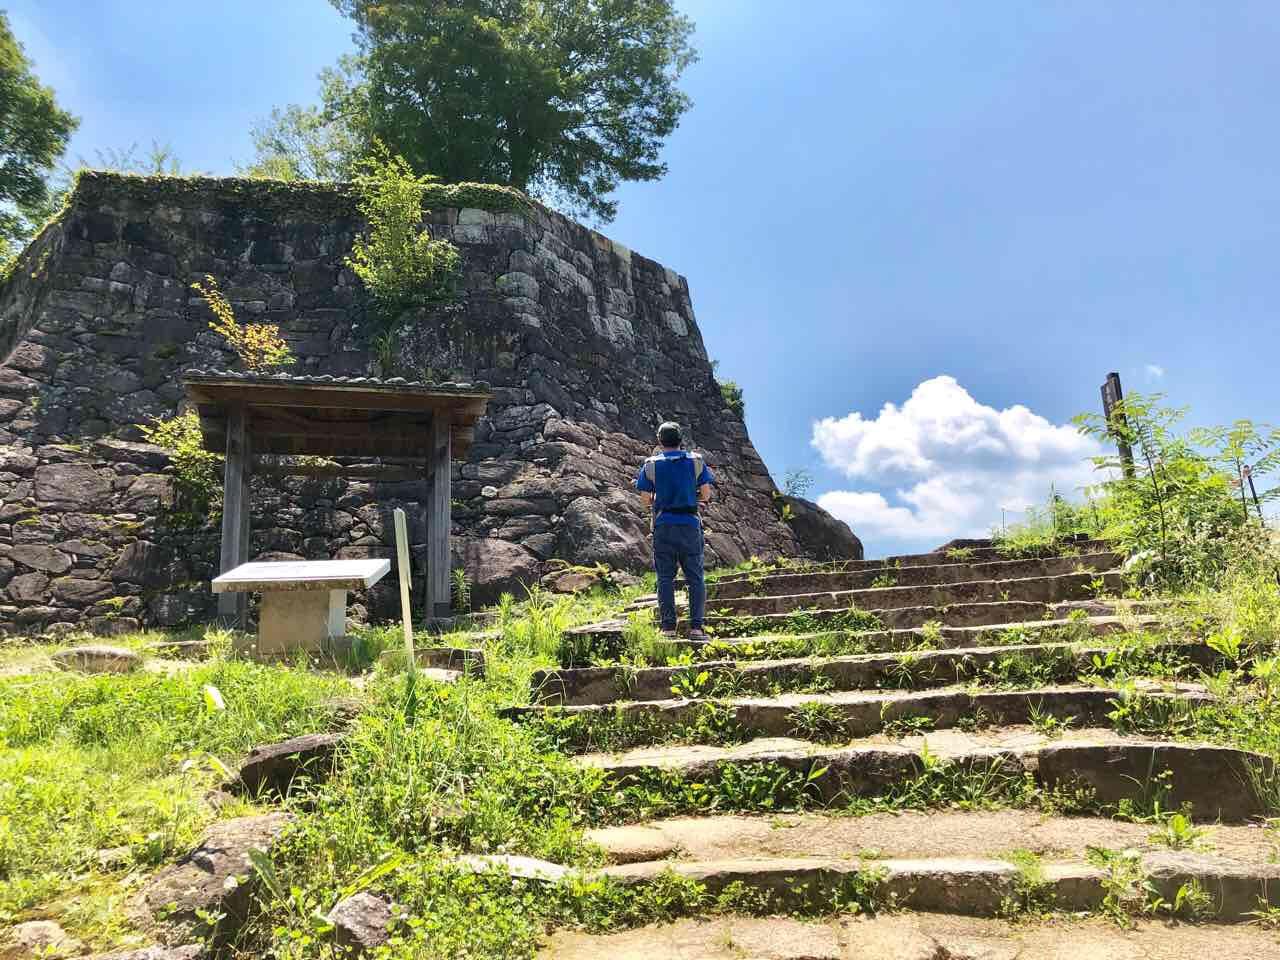 苗木城跡古い井戸発見